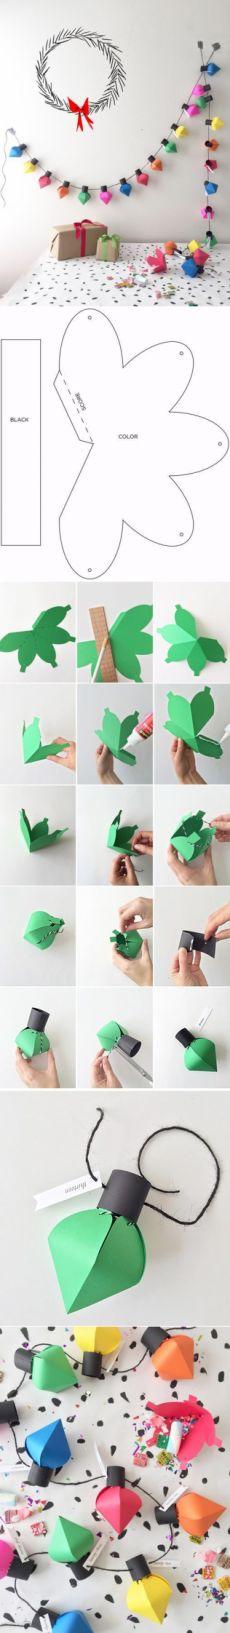 Hacer una guirnalda de papel con dulces sorpresas